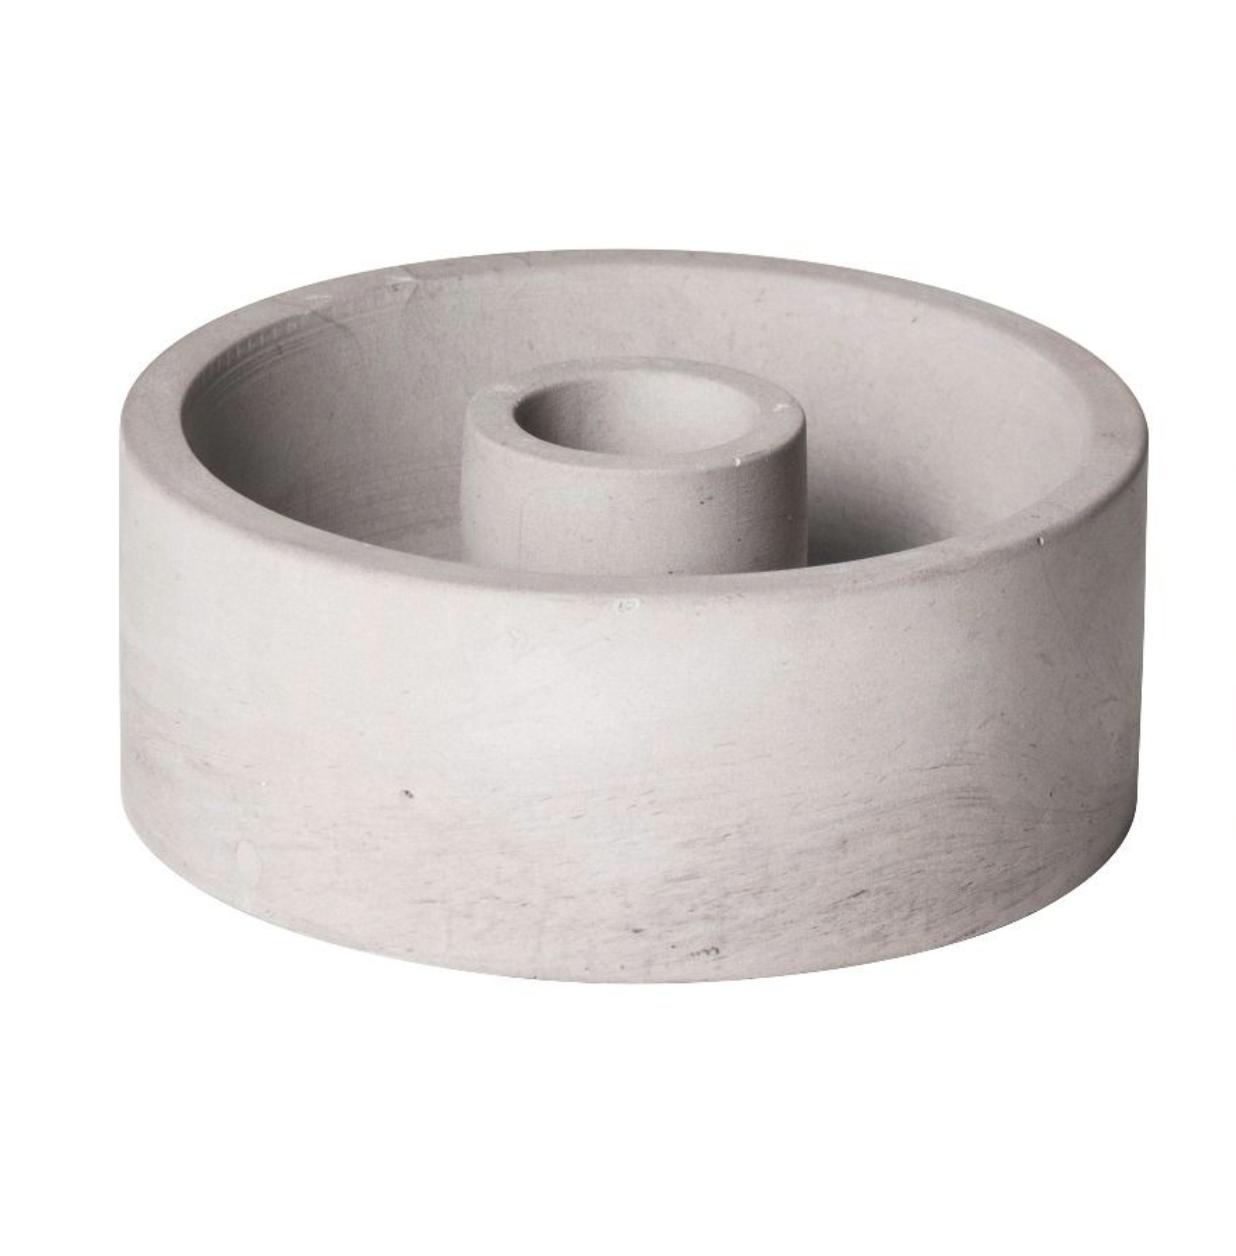 Kaarsenhouder Cement - Small - Gusta-1